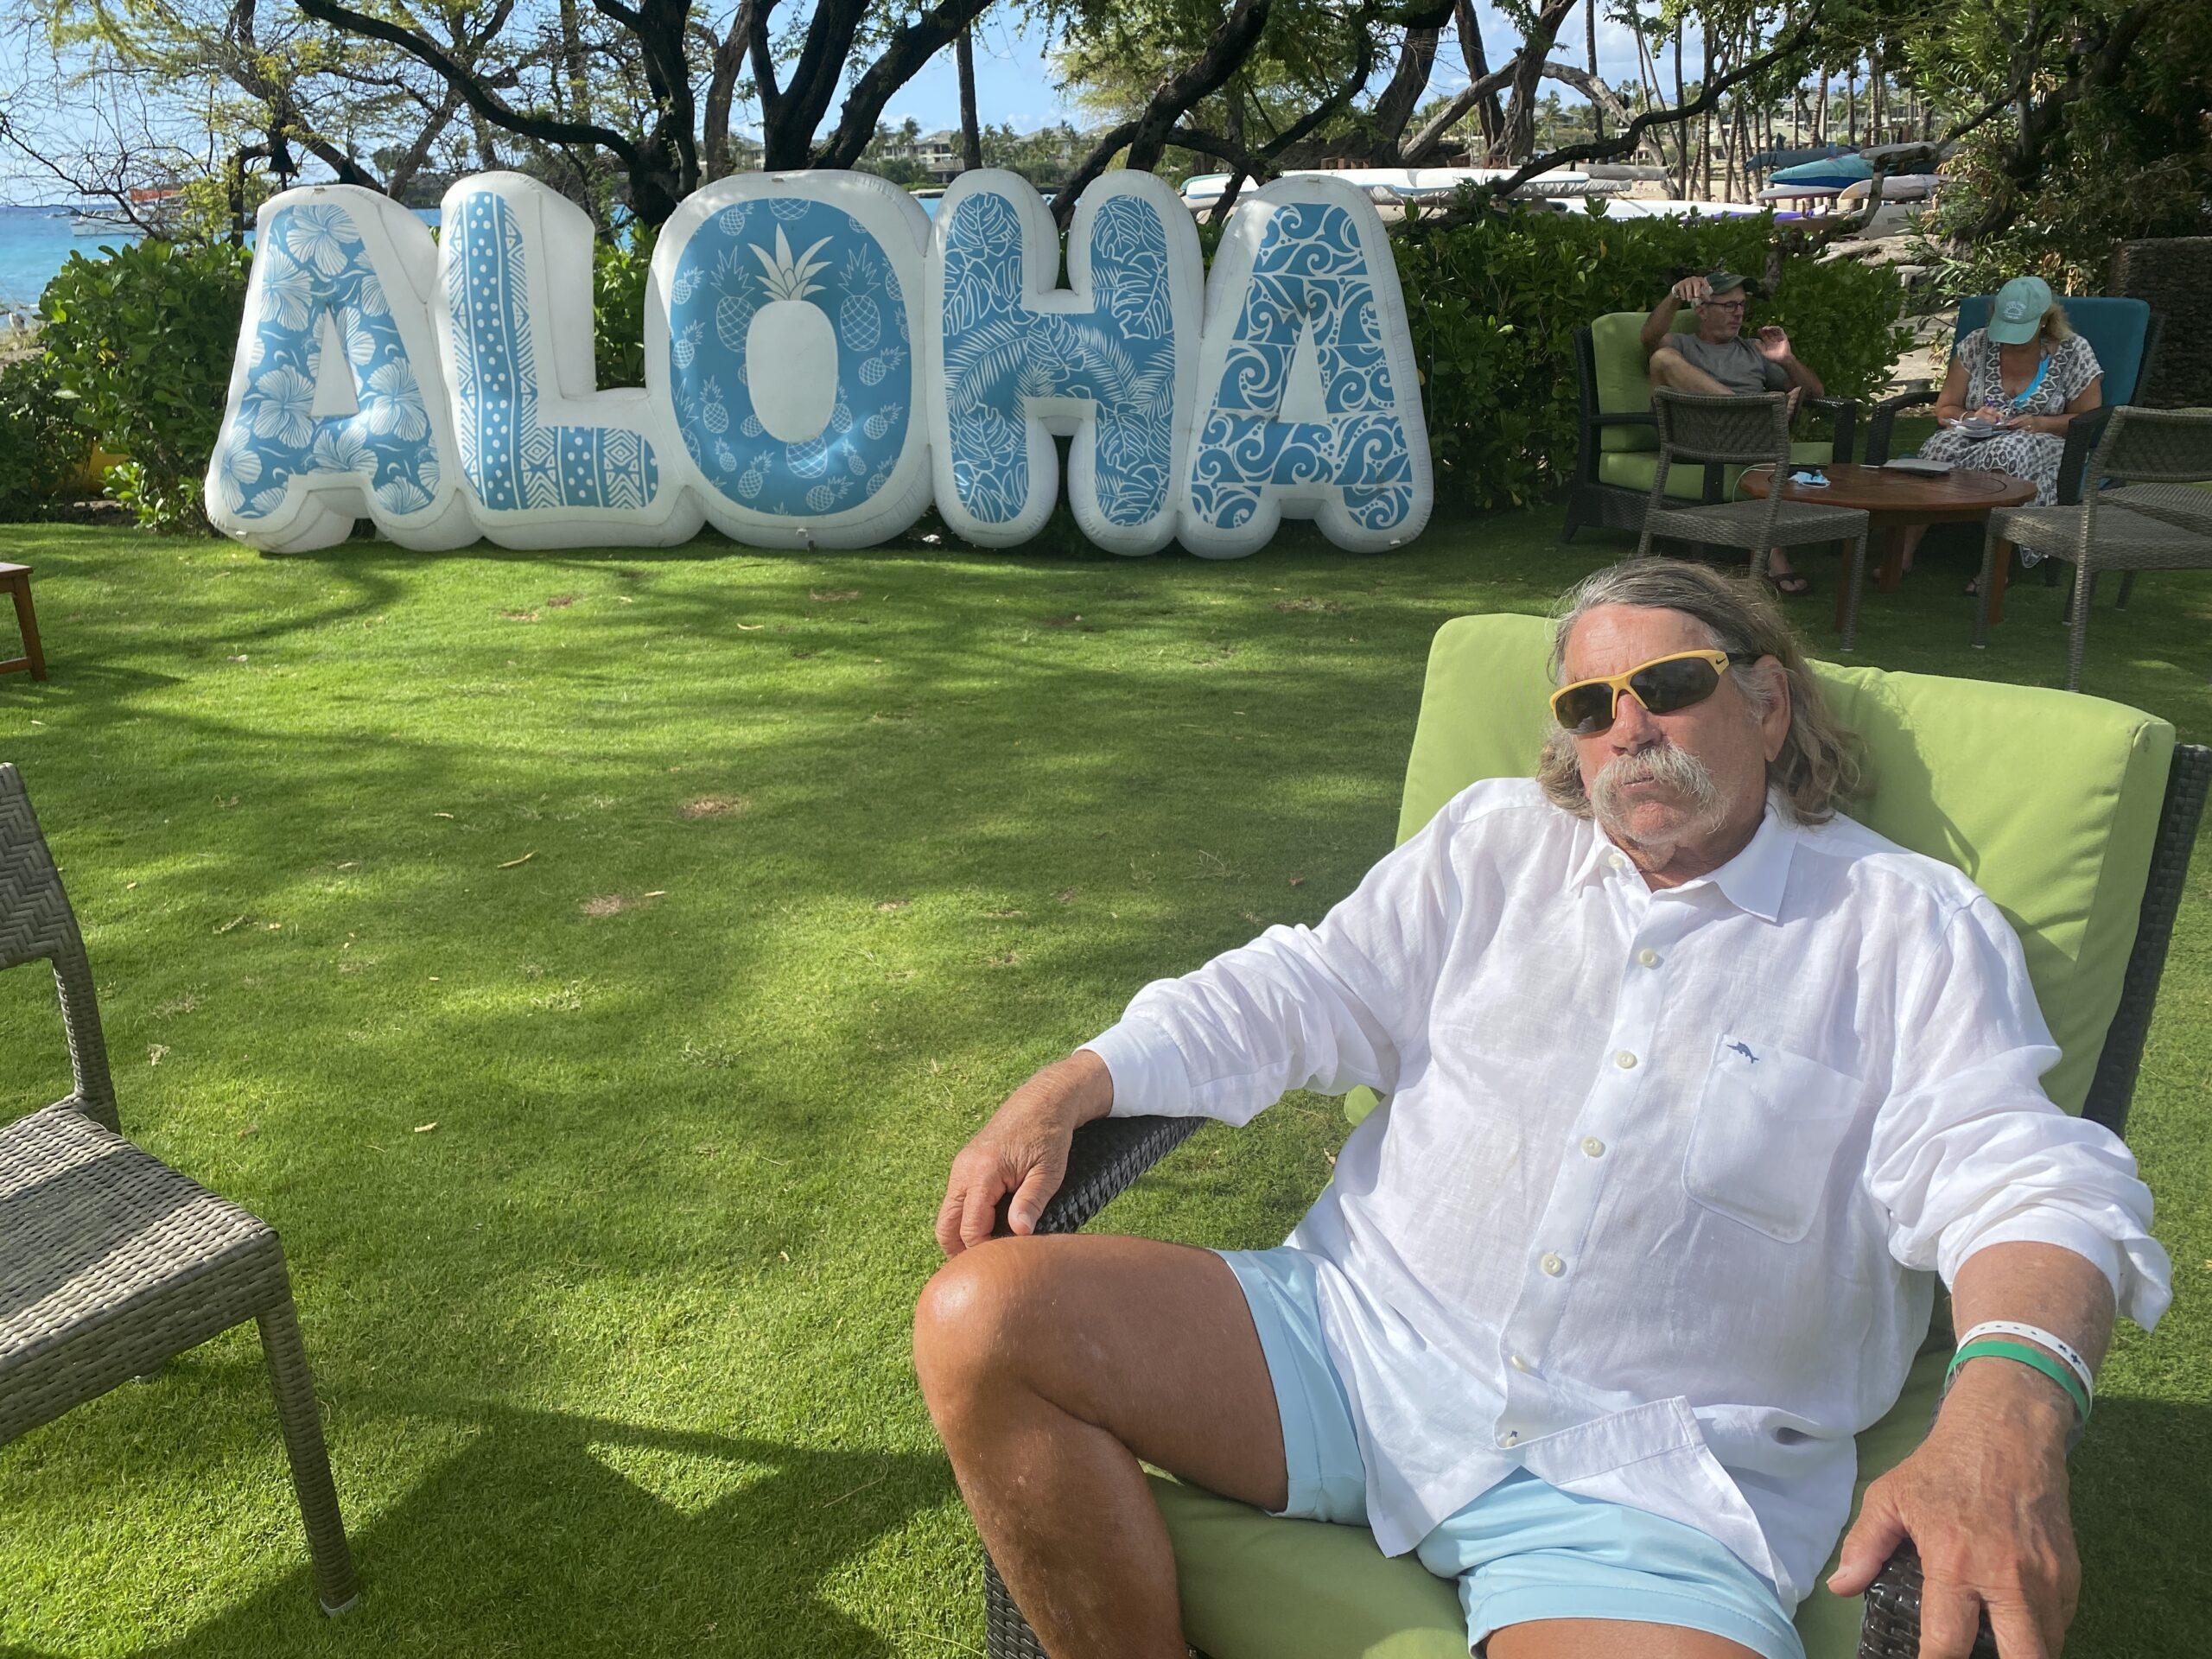 Aloha and Bub